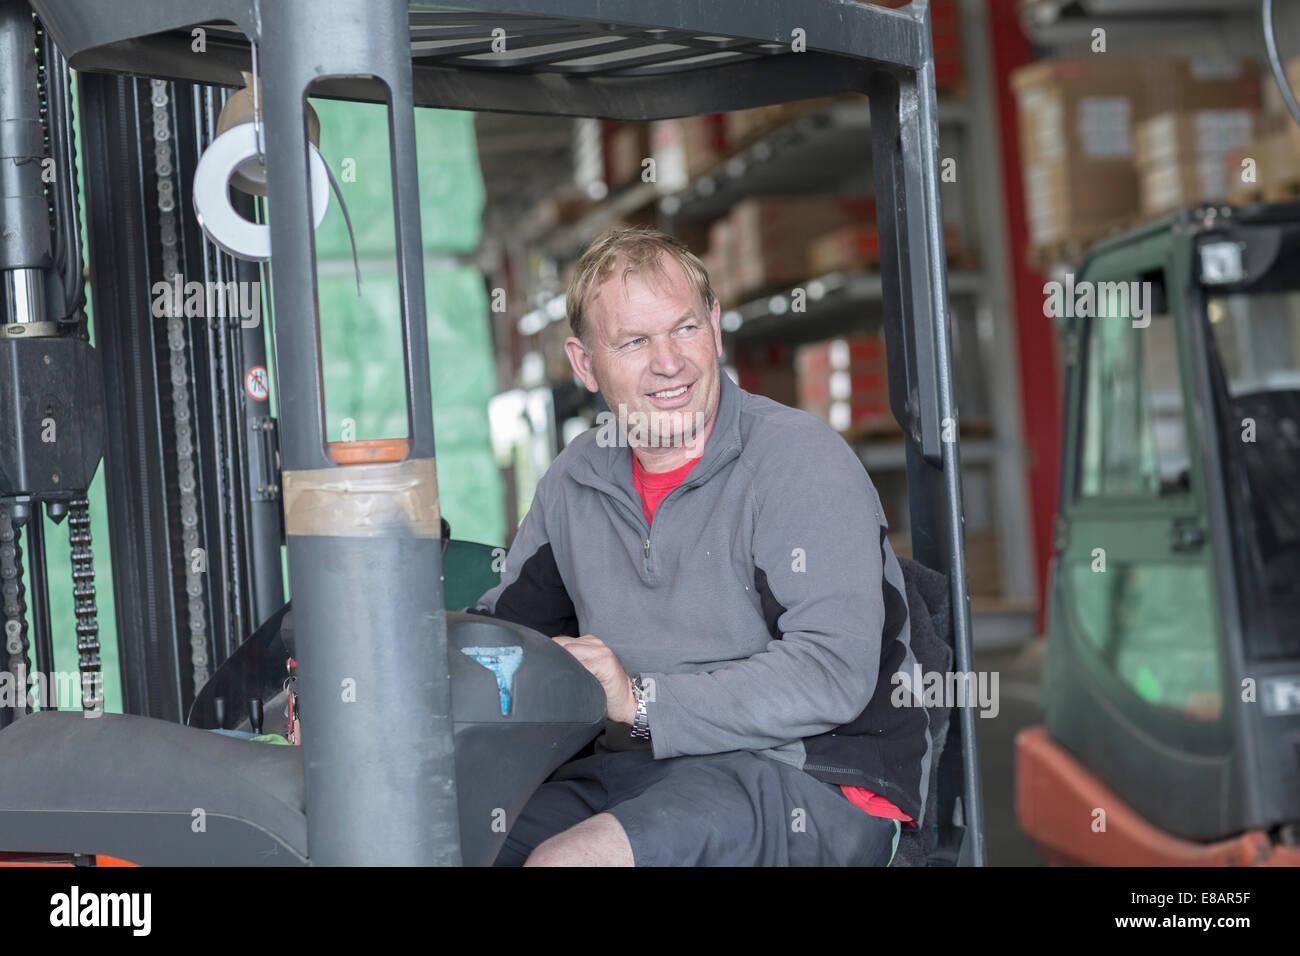 Trabajador conducir la carretilla elevadora en la ferretería almacén Imagen De Stock